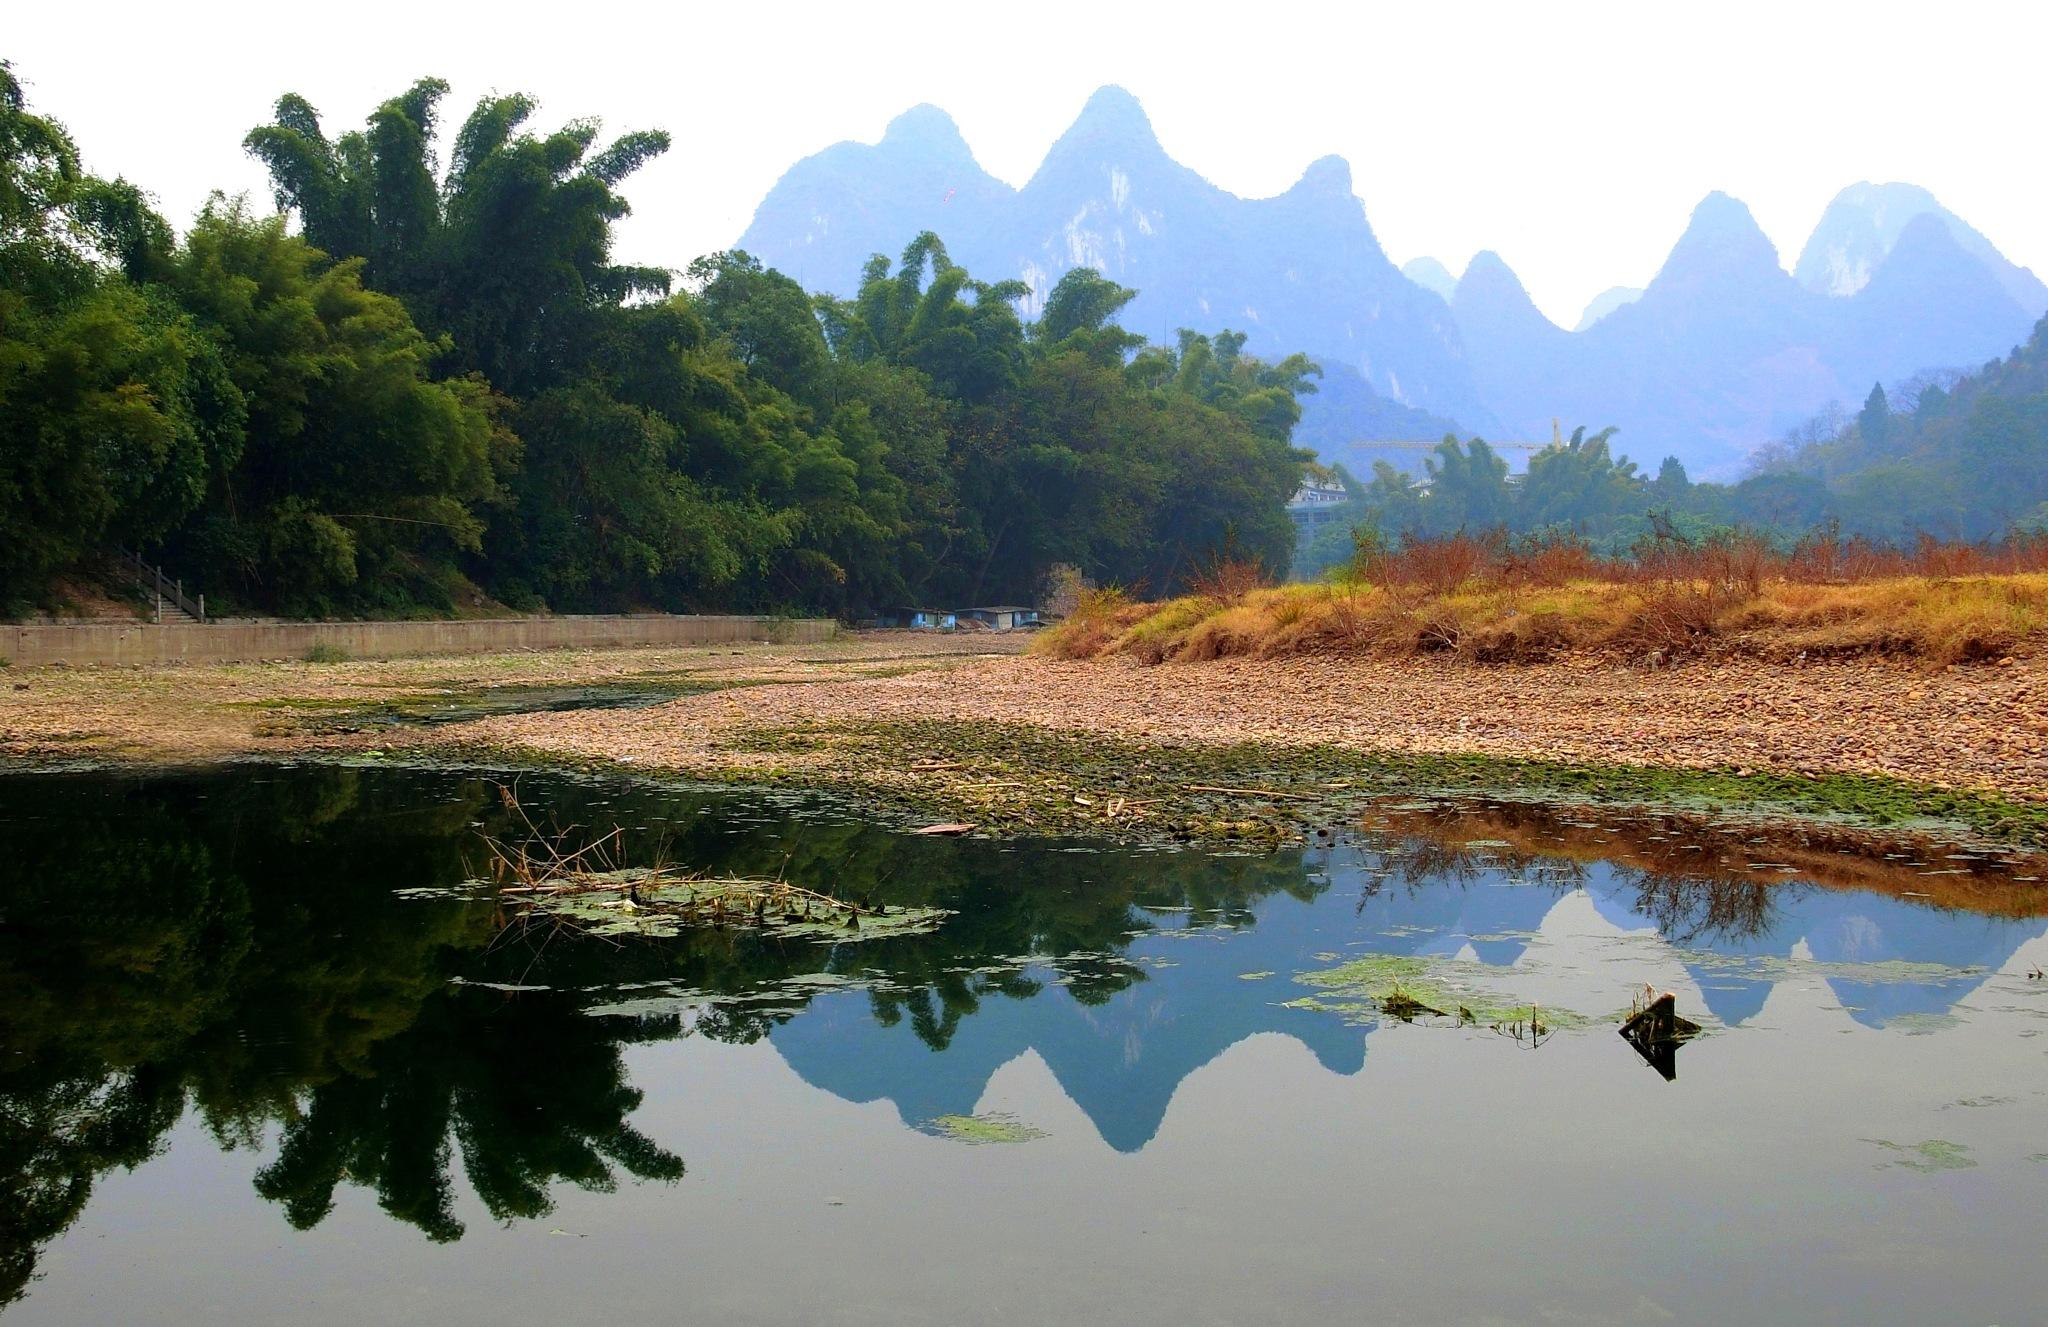 Riverbank, Li River by pop88123